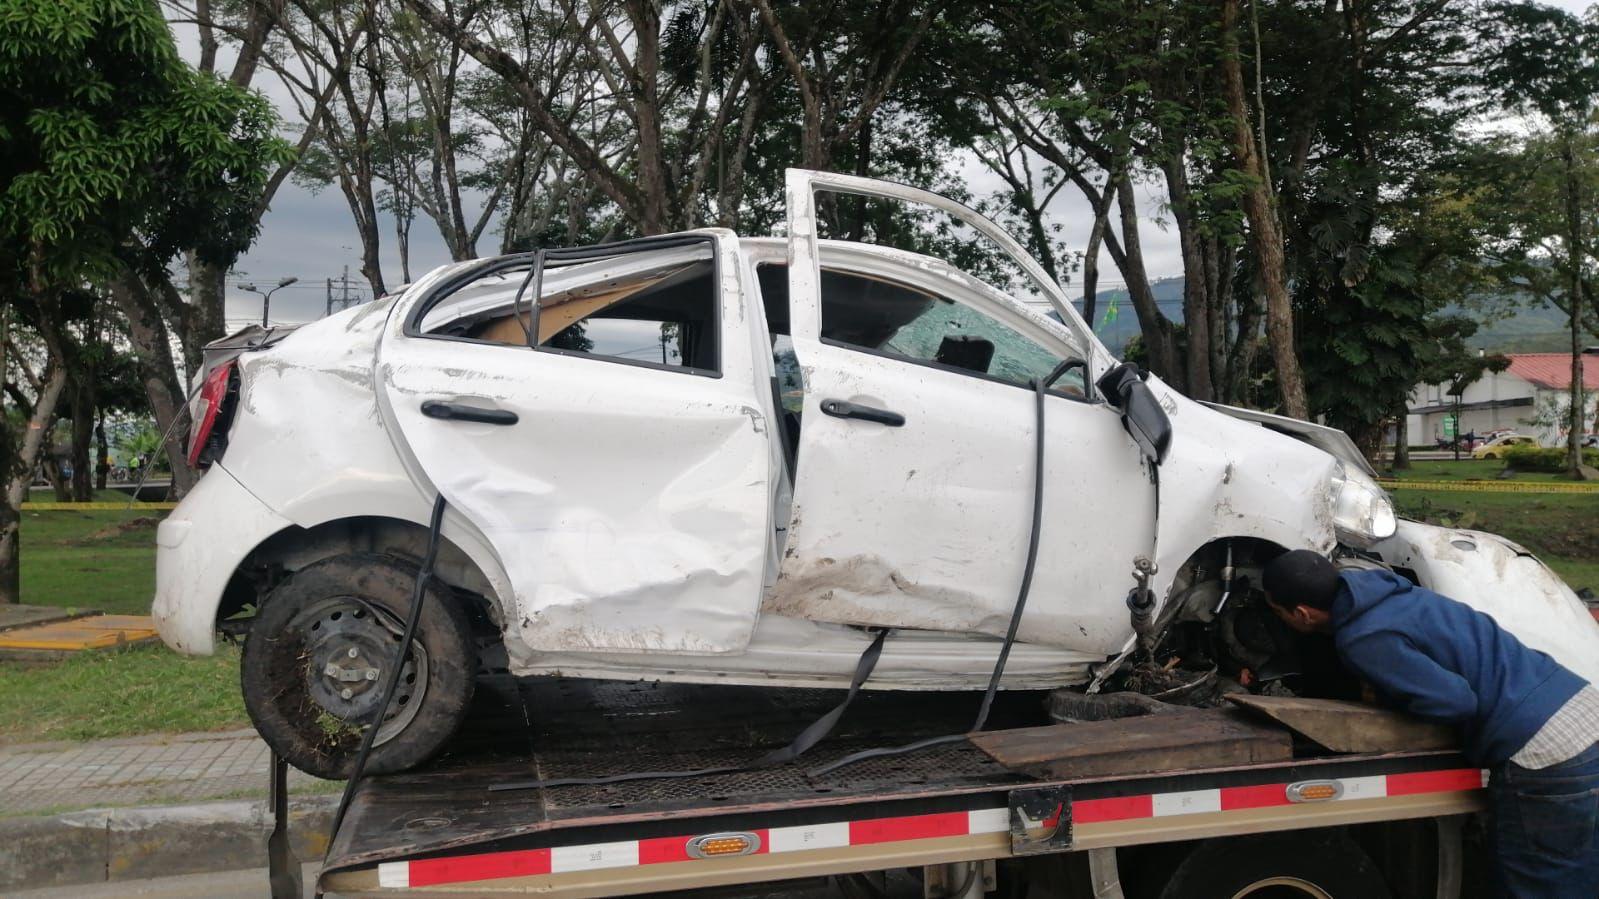 Borracho al volante mató a vigilante en el sector de Mirolindo 7